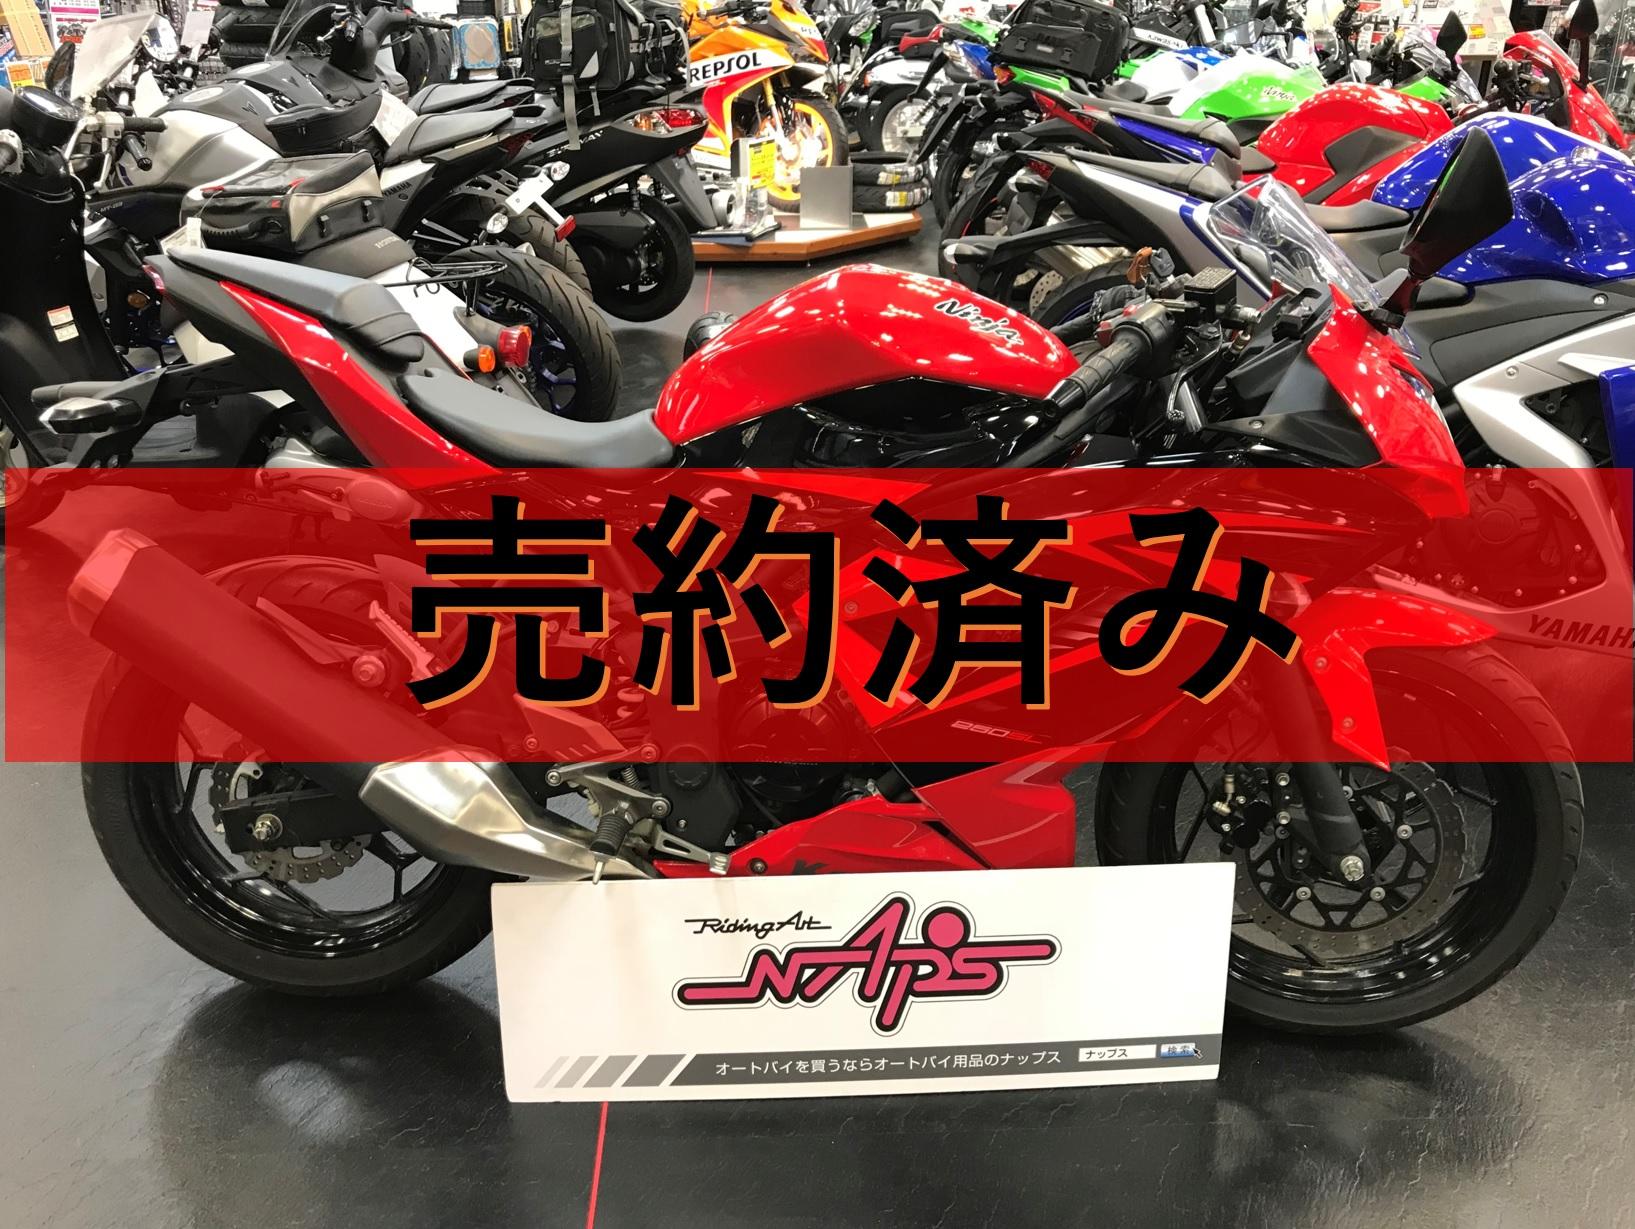 KAWASAKI 【販売車両】NINJA250SL